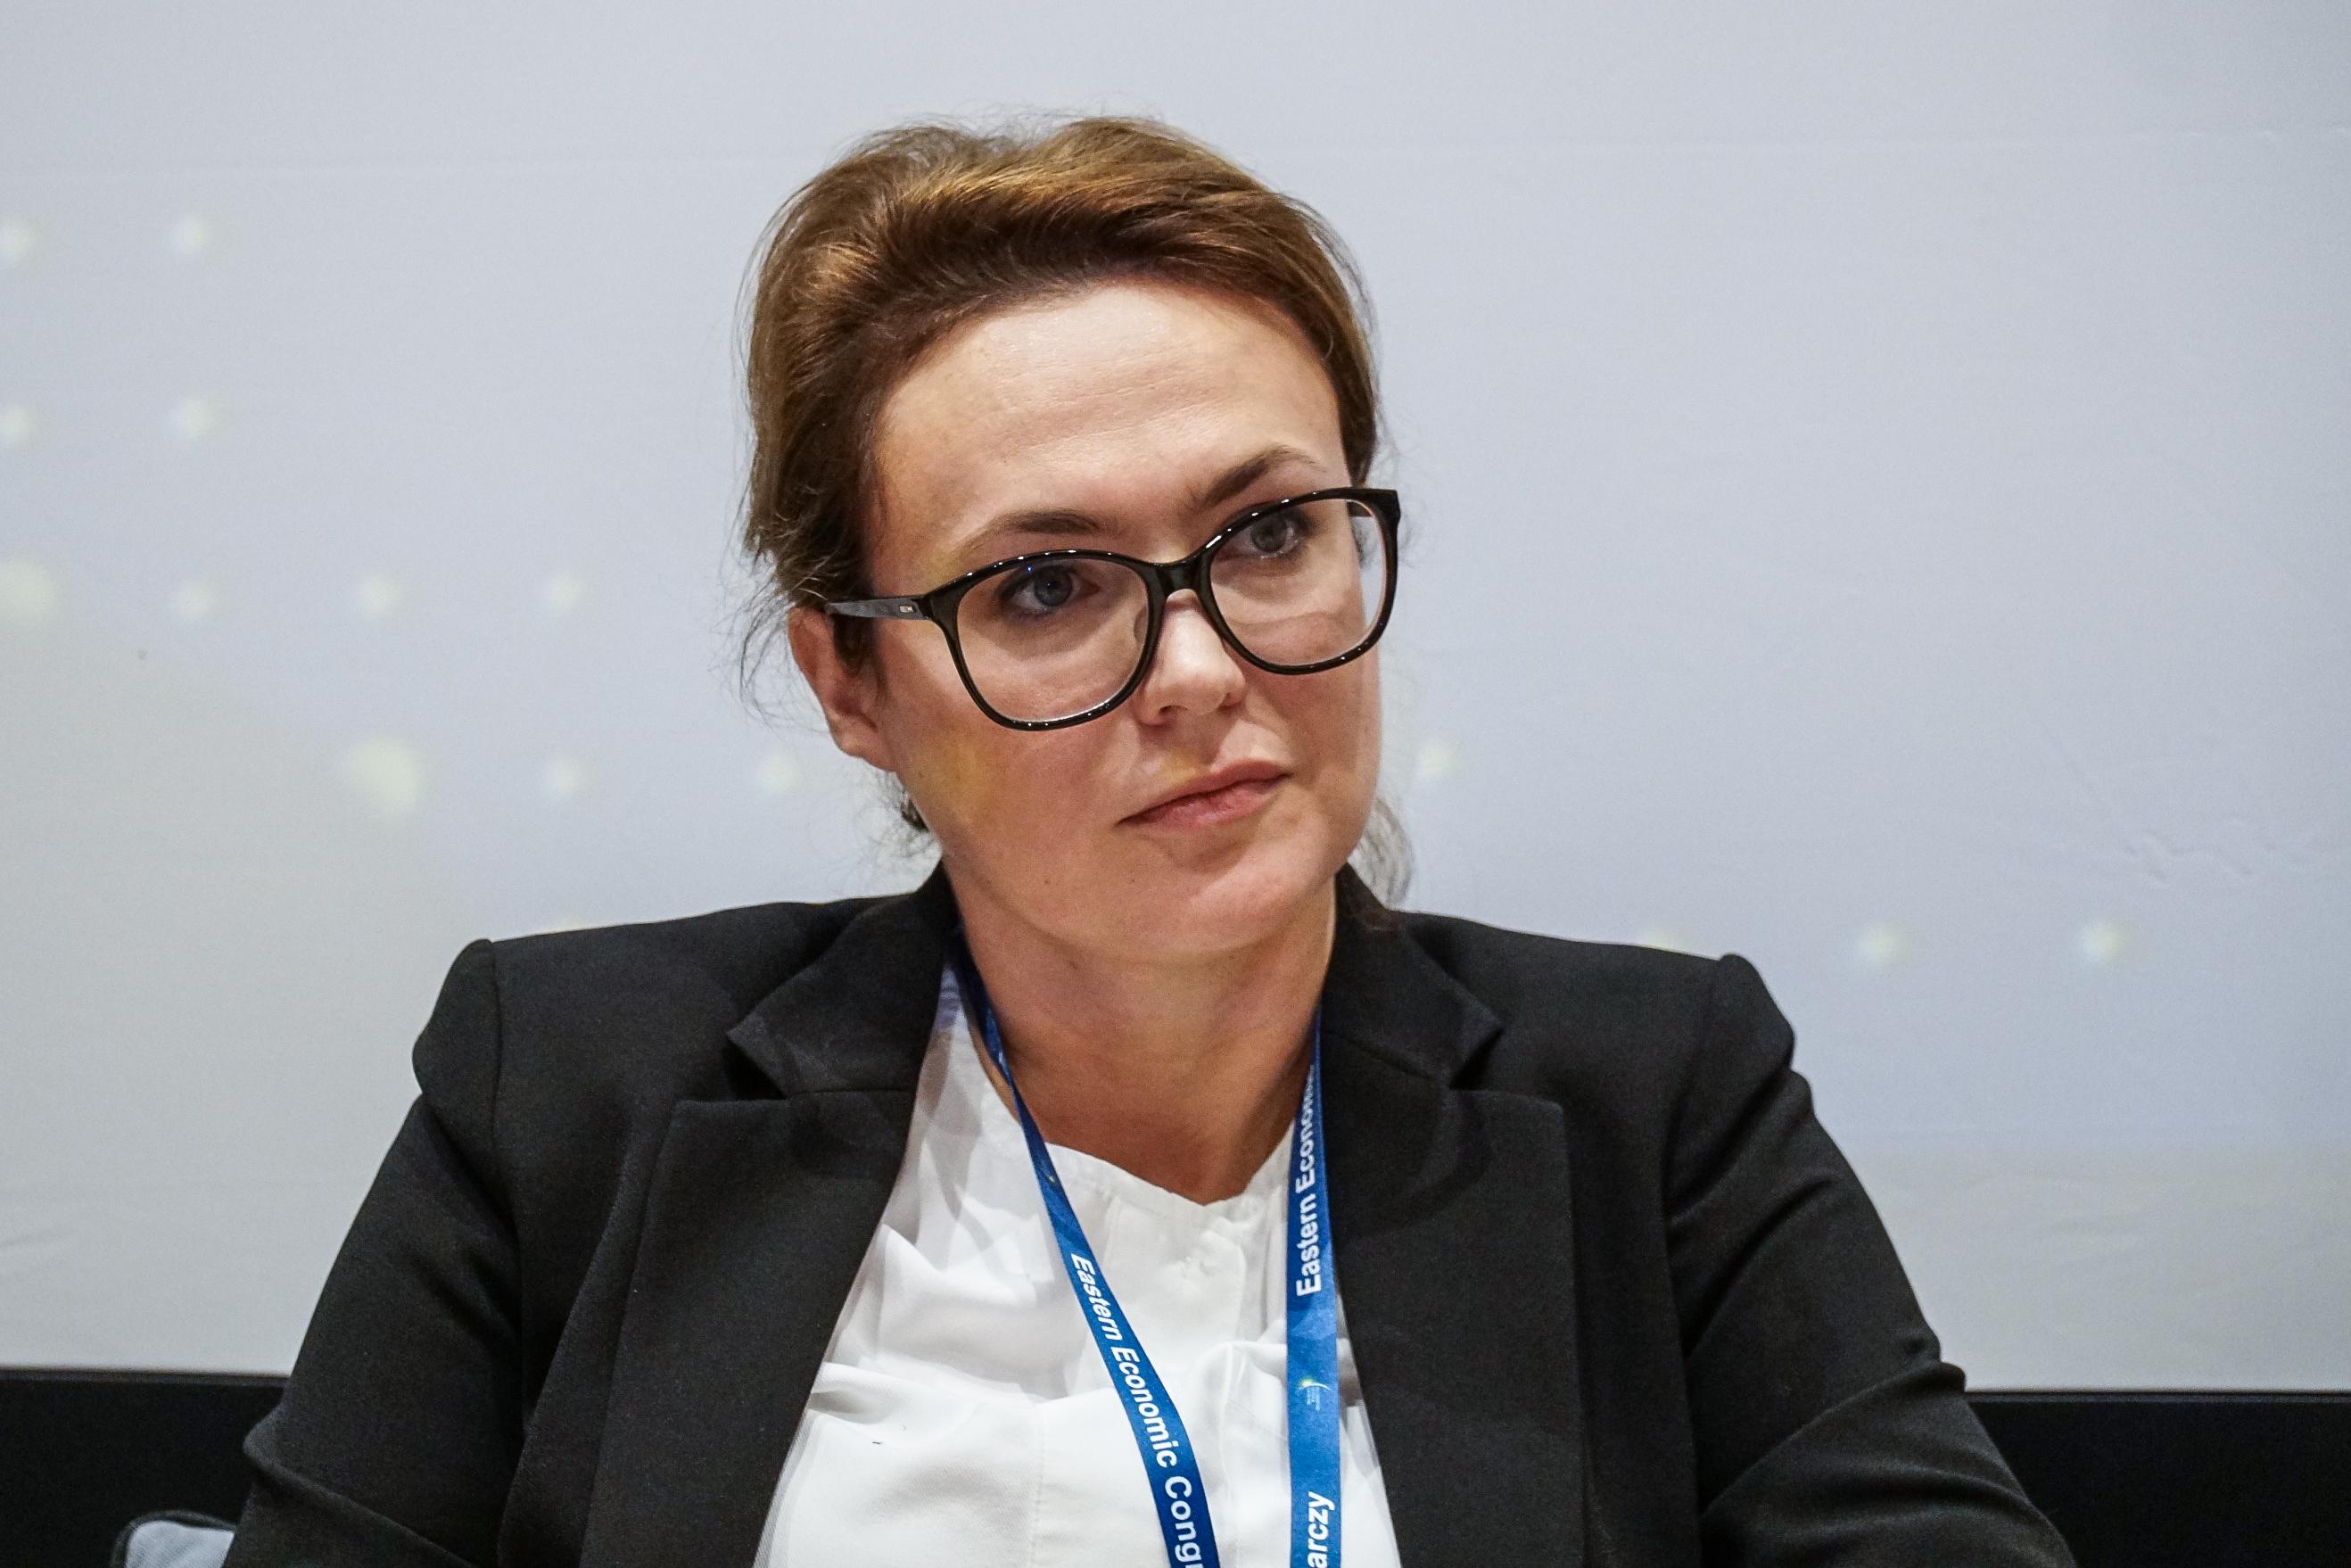 Katarzyna Nosalska zaznacza, że postęp techniczny będzie już tylko szybszy (fot. PTWP/Michał Oleksy)